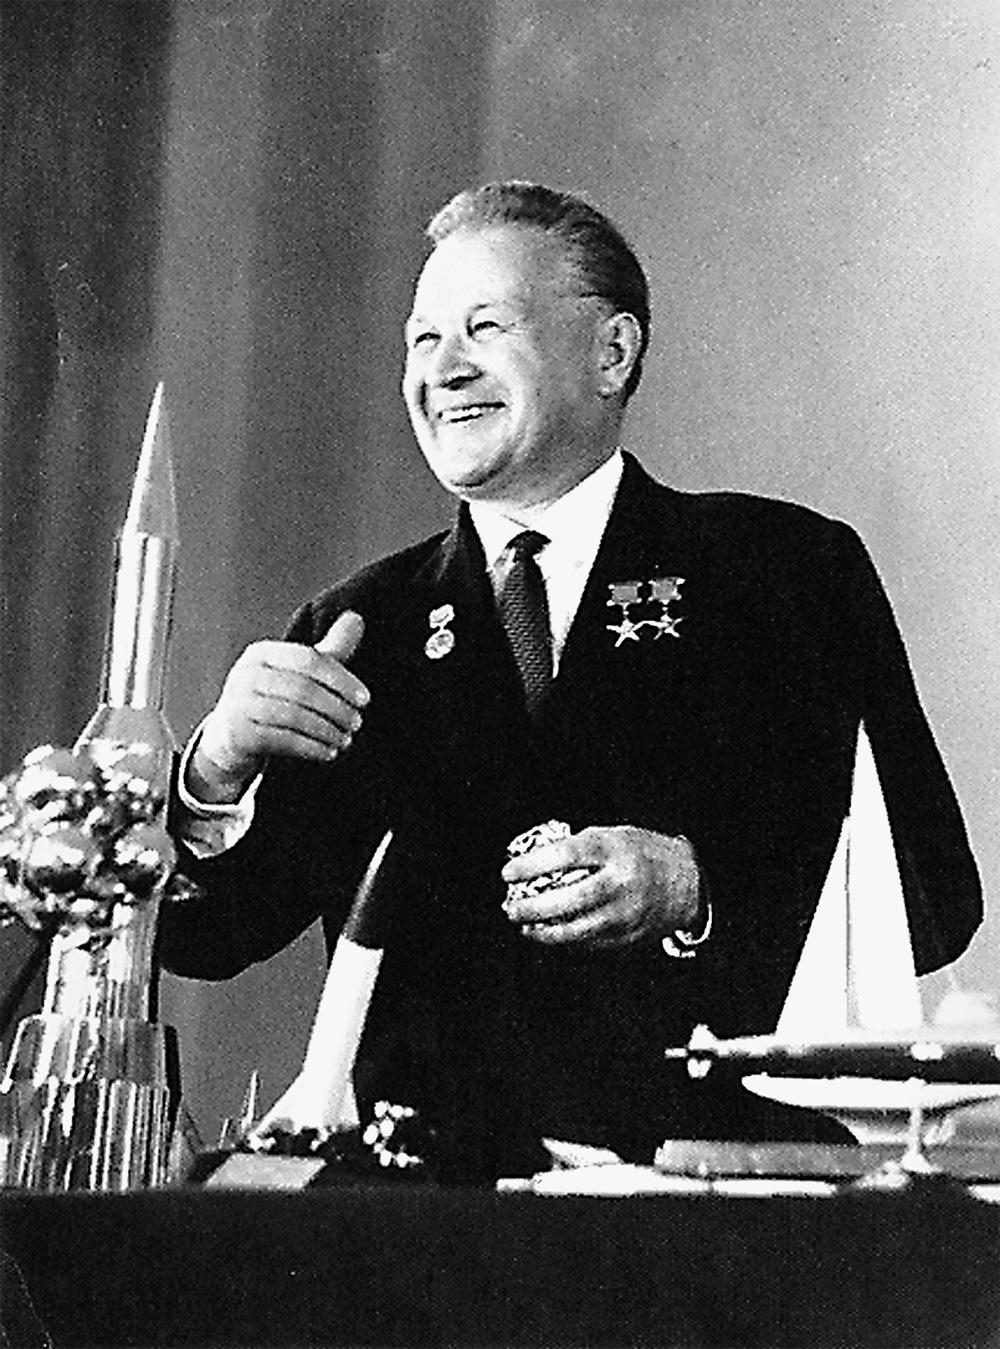 Советский конструктор ракетно-космической техники, академик АН СССР Владимир Челомей.